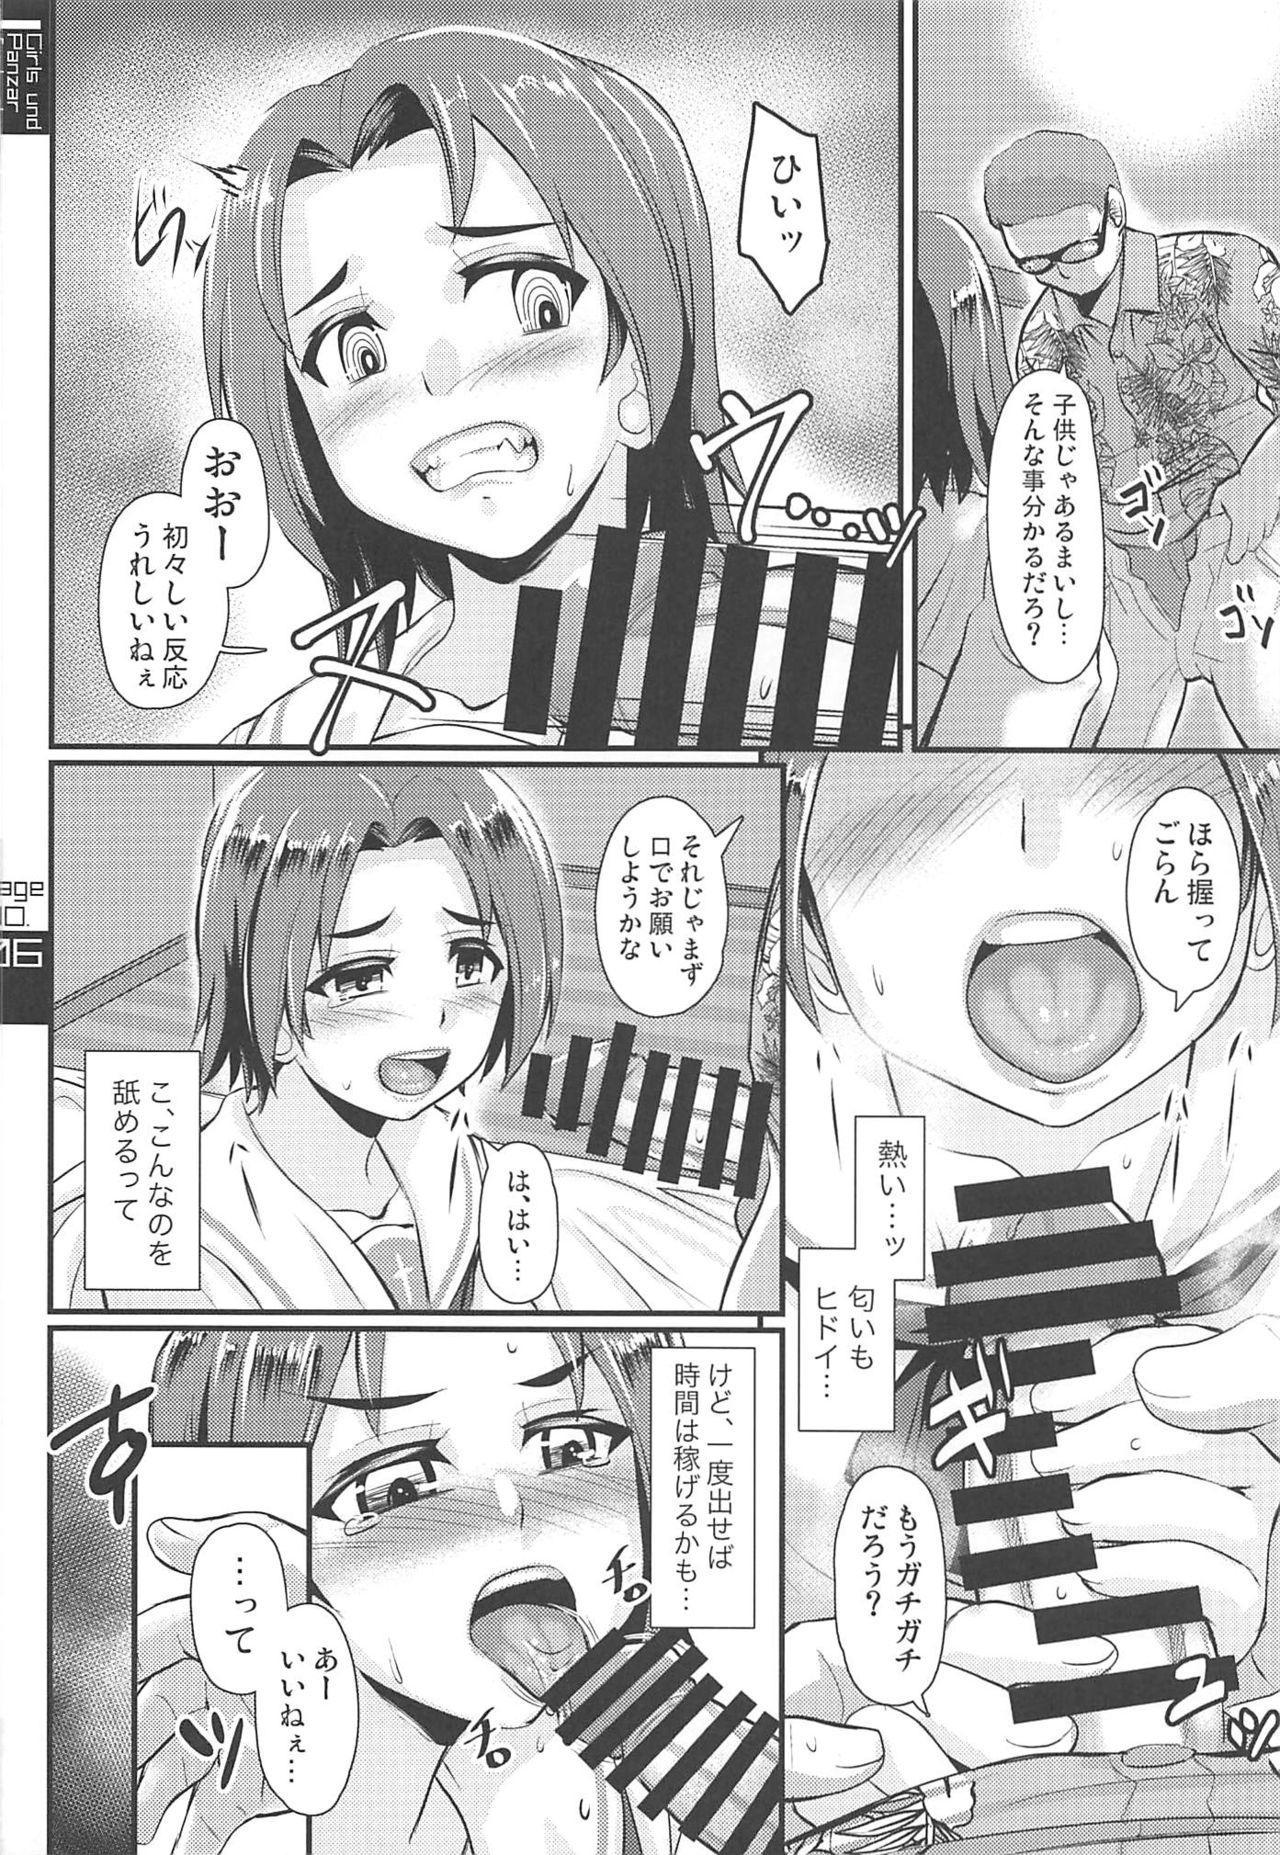 Sawa-chan ga Sasottandakara ne 4